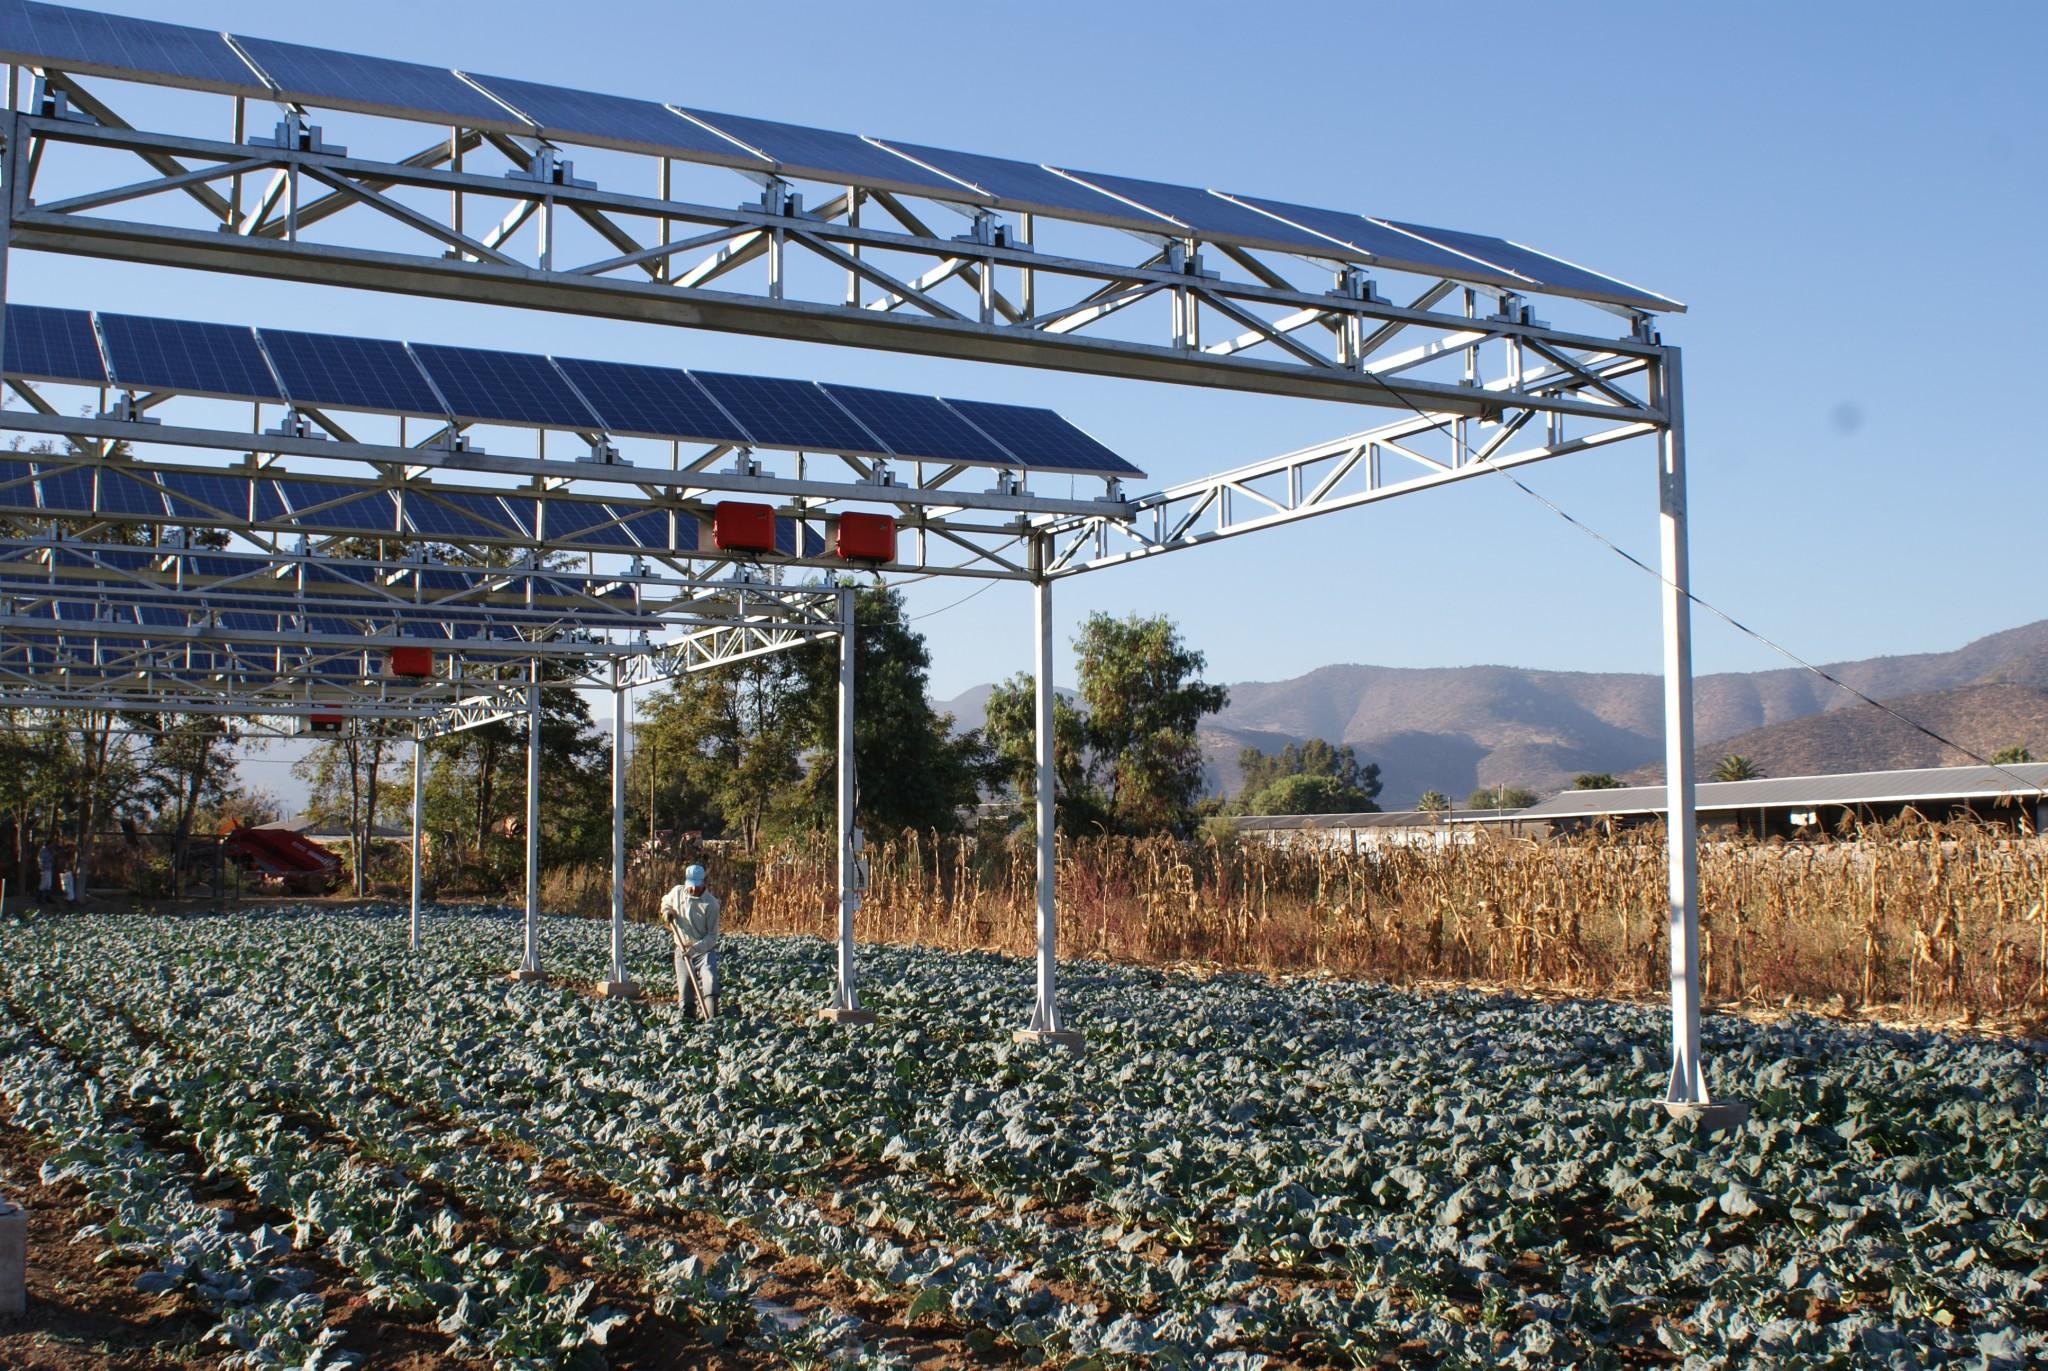 Energía solar en el agro ¿Una solución real?